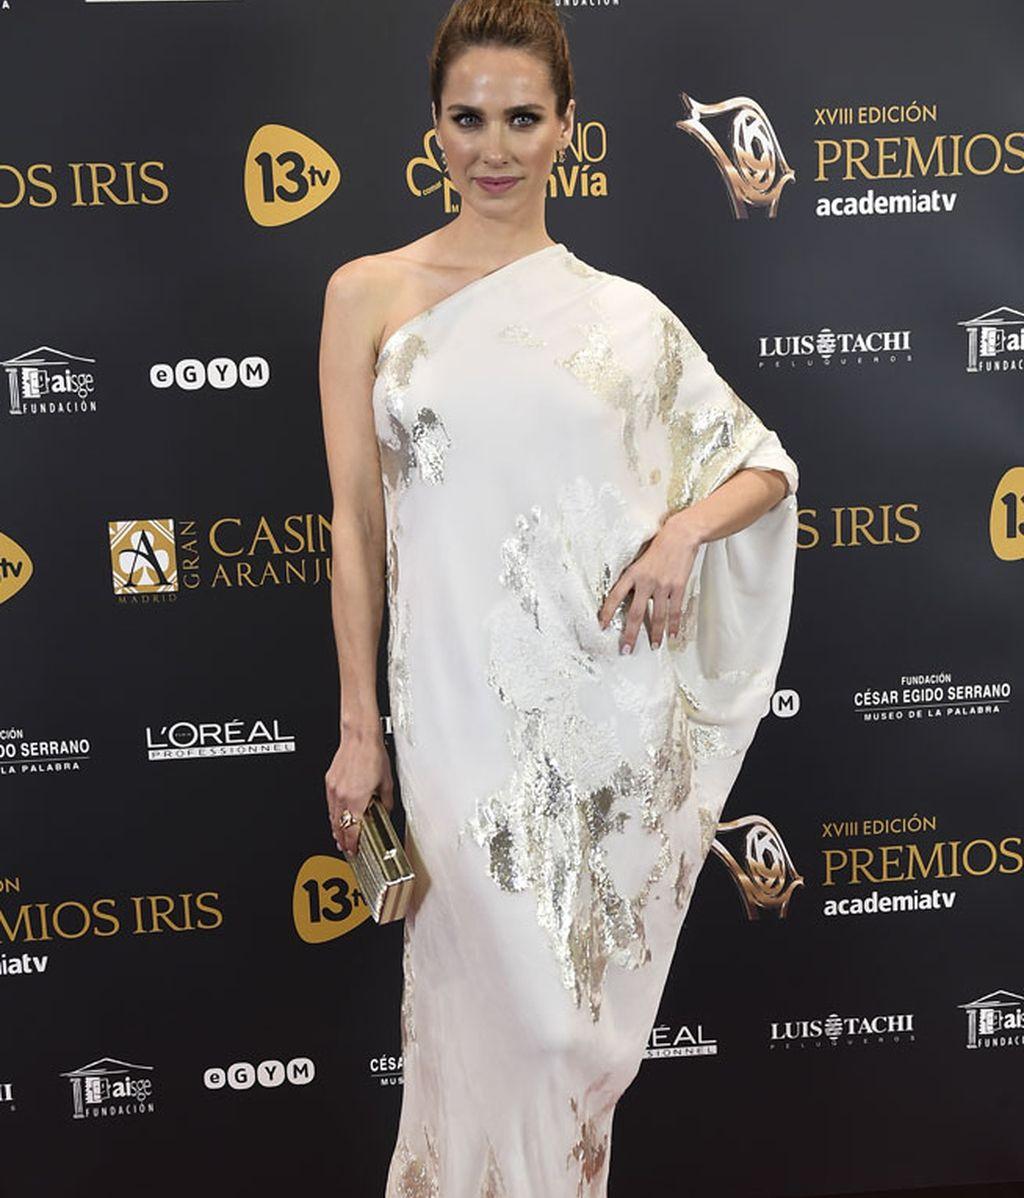 Estiloso asimétrico de Vanessa Romero, firmado por 'Freddy Alonso'